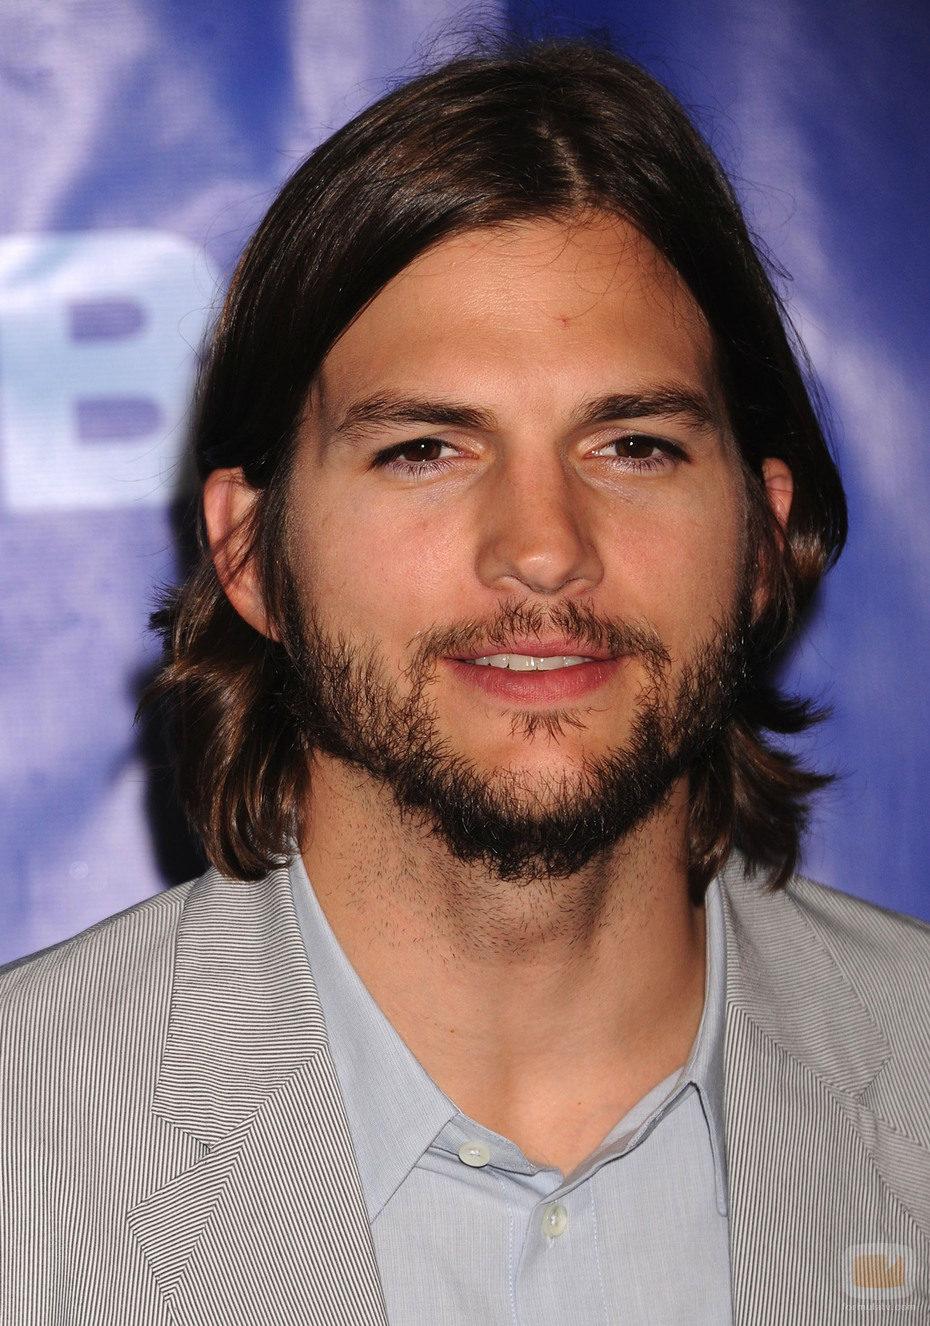 Ashton Kutcher. nuevo actor de 'Dos hombres y medio'